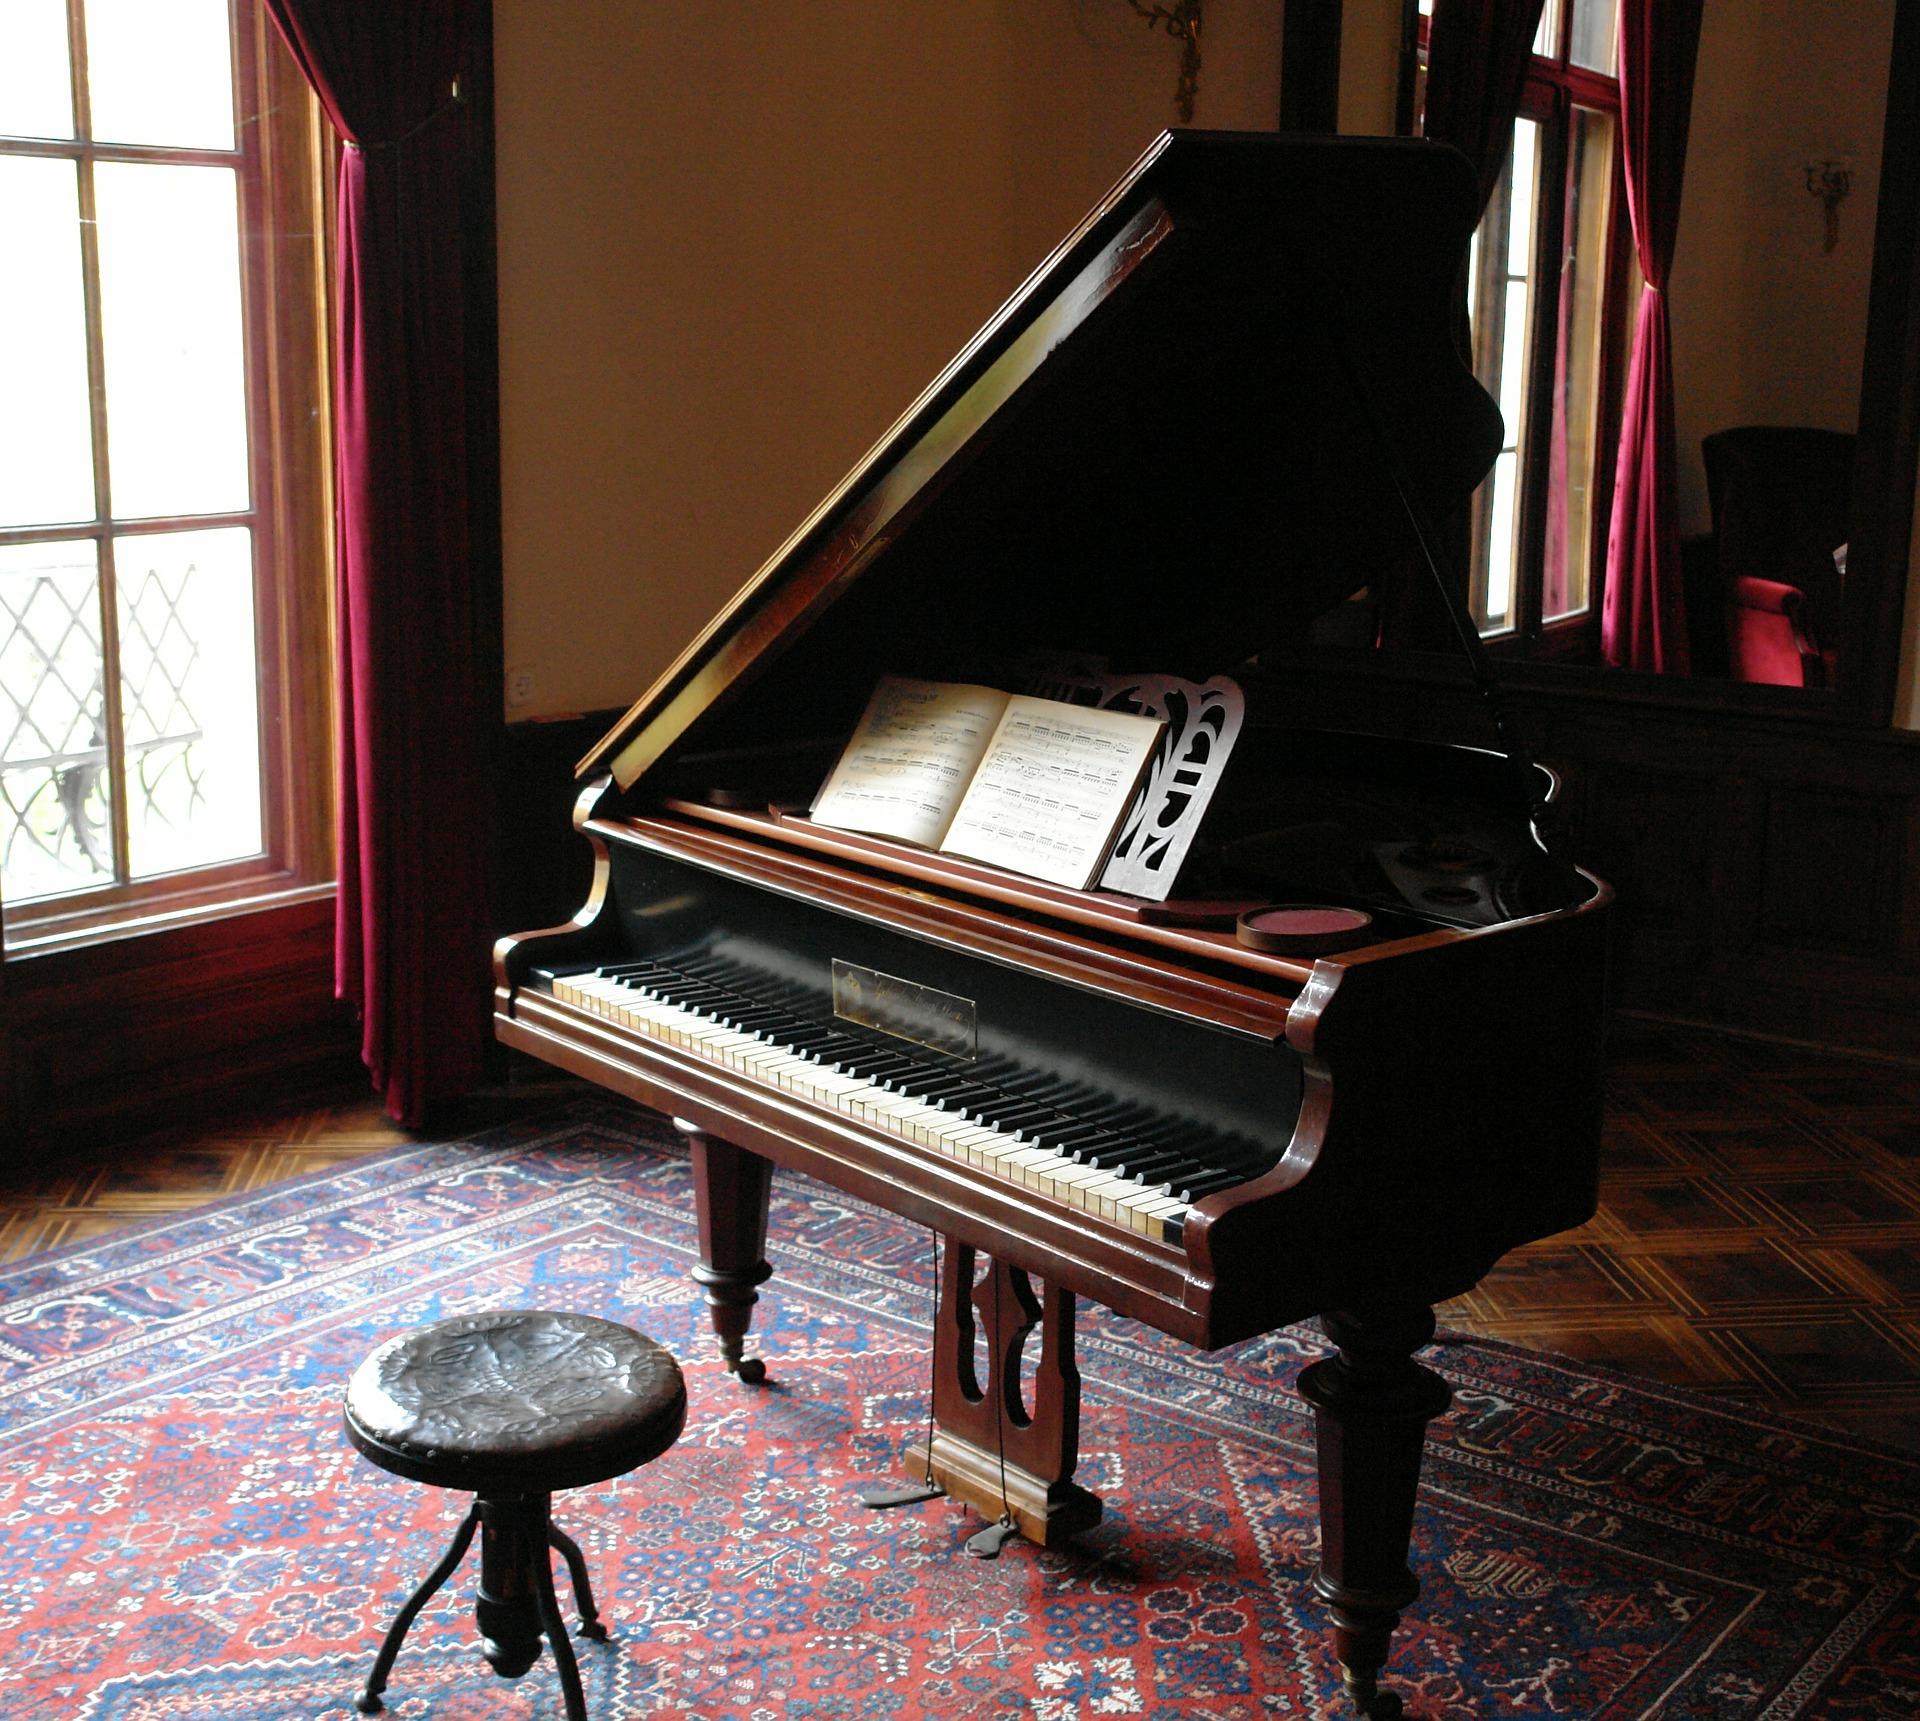 piano-601386_1920